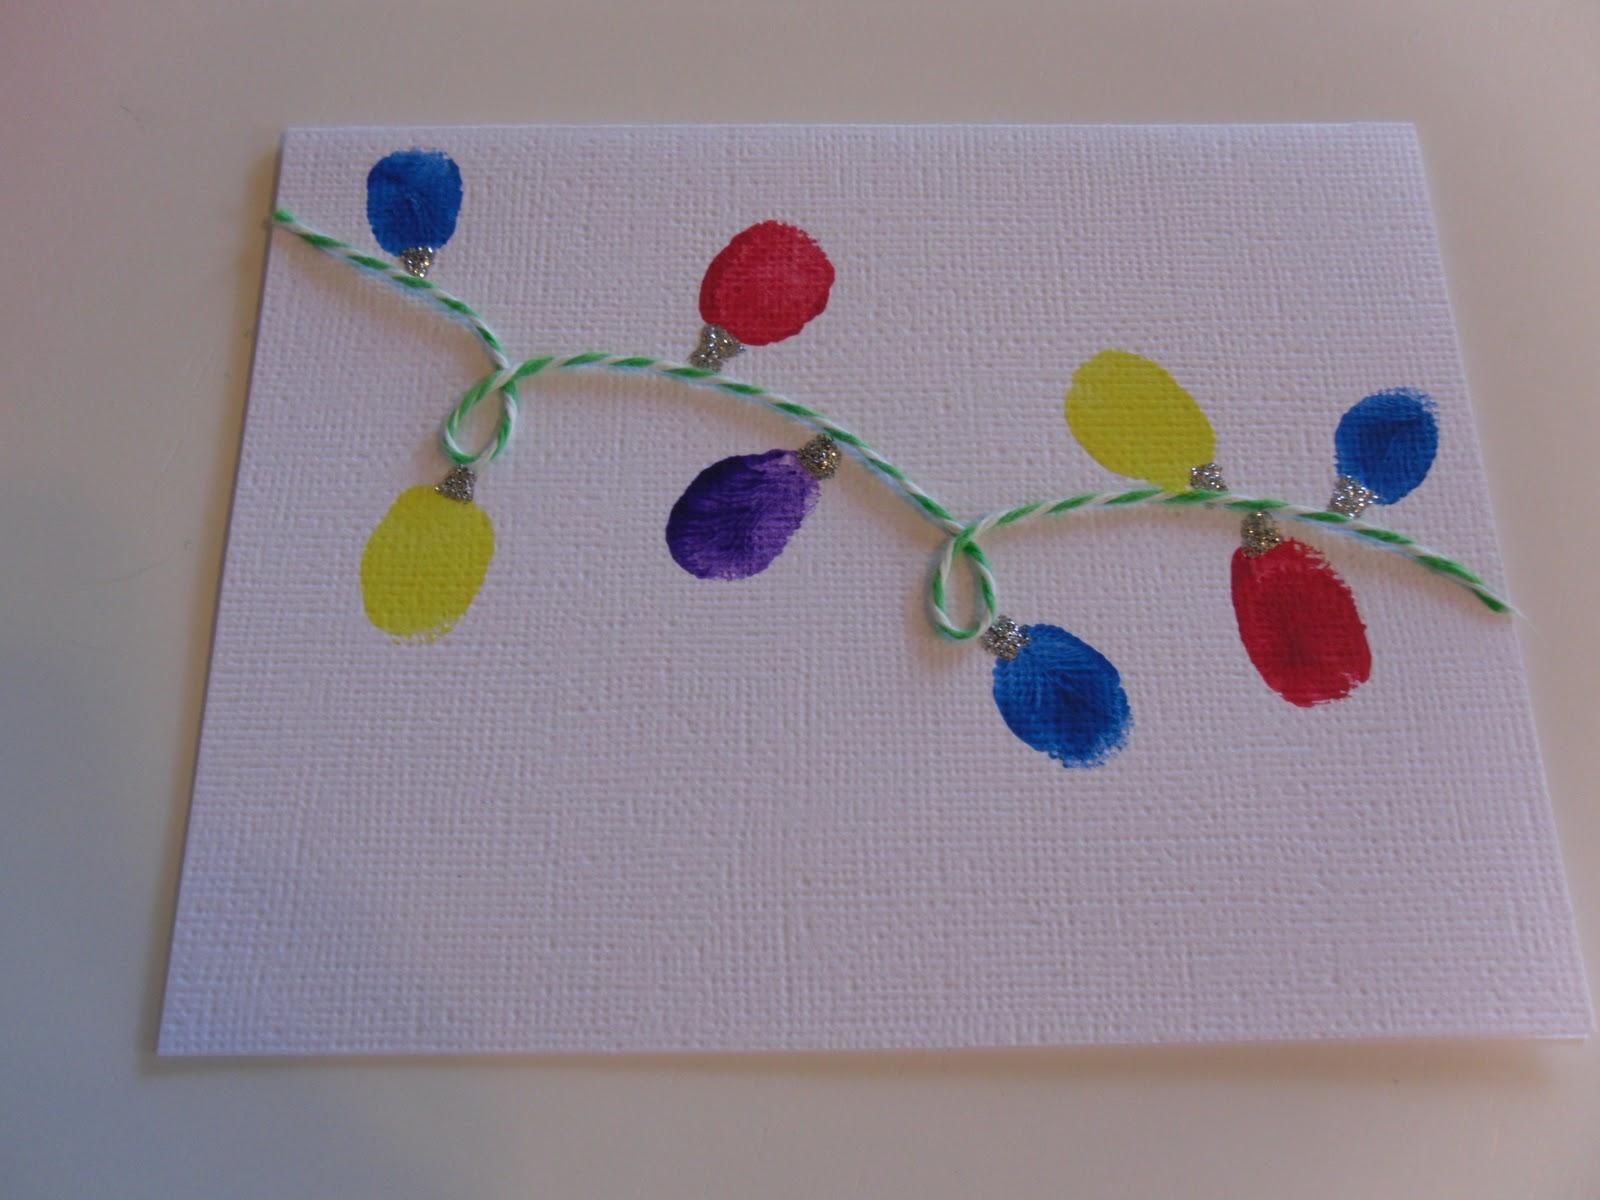 Sensory Sun: Inspired by Pinterest - Sensory Christmas Cards for Kids!